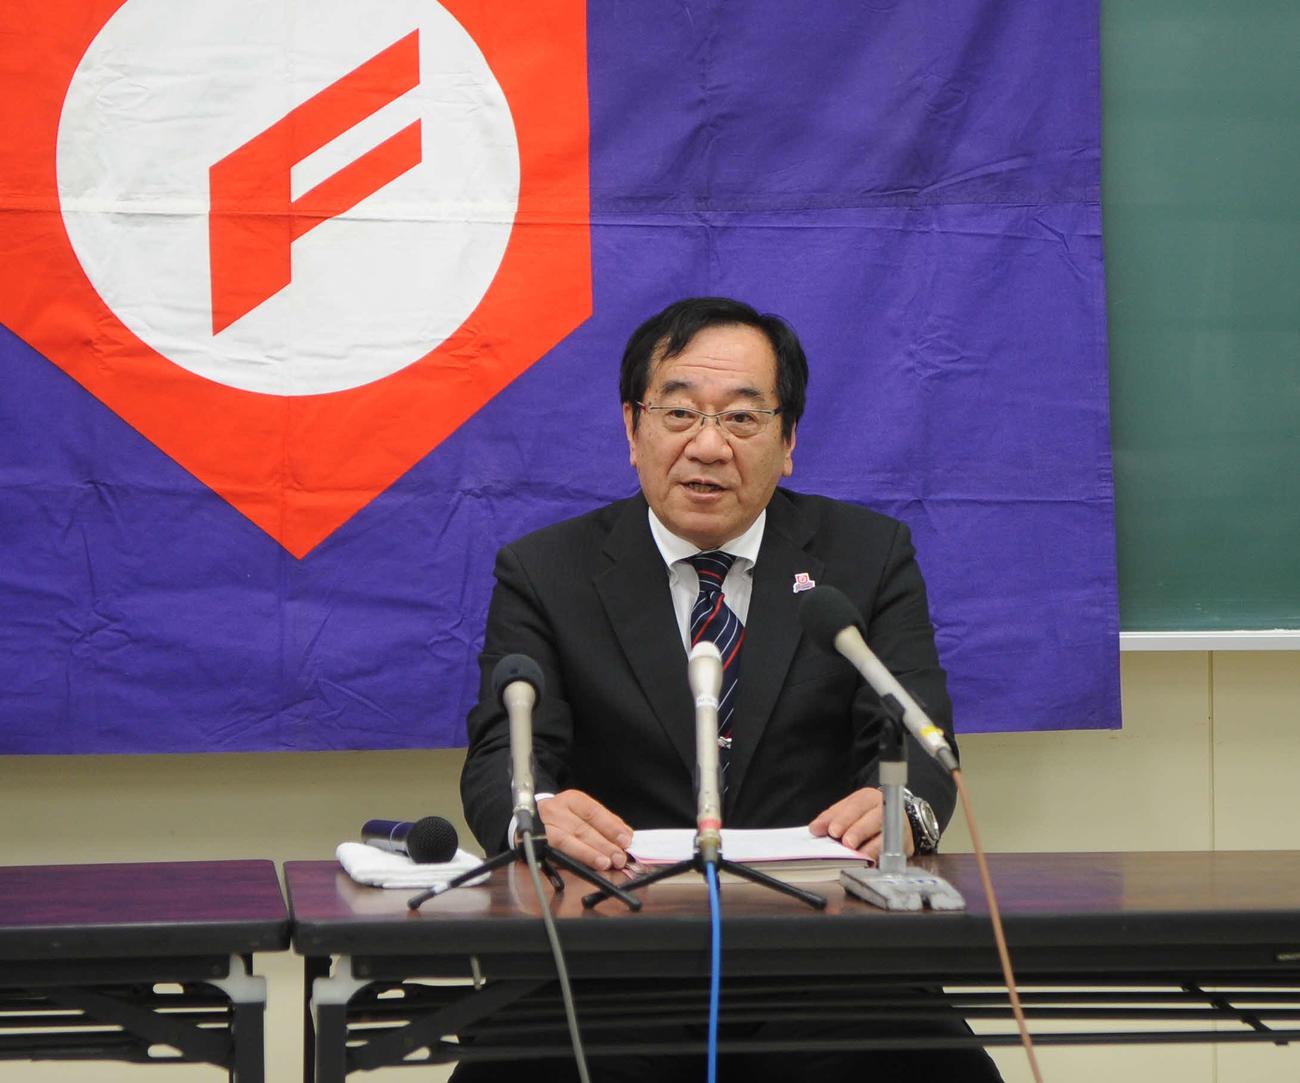 富樫信浩会長(2020年4月4日撮影)